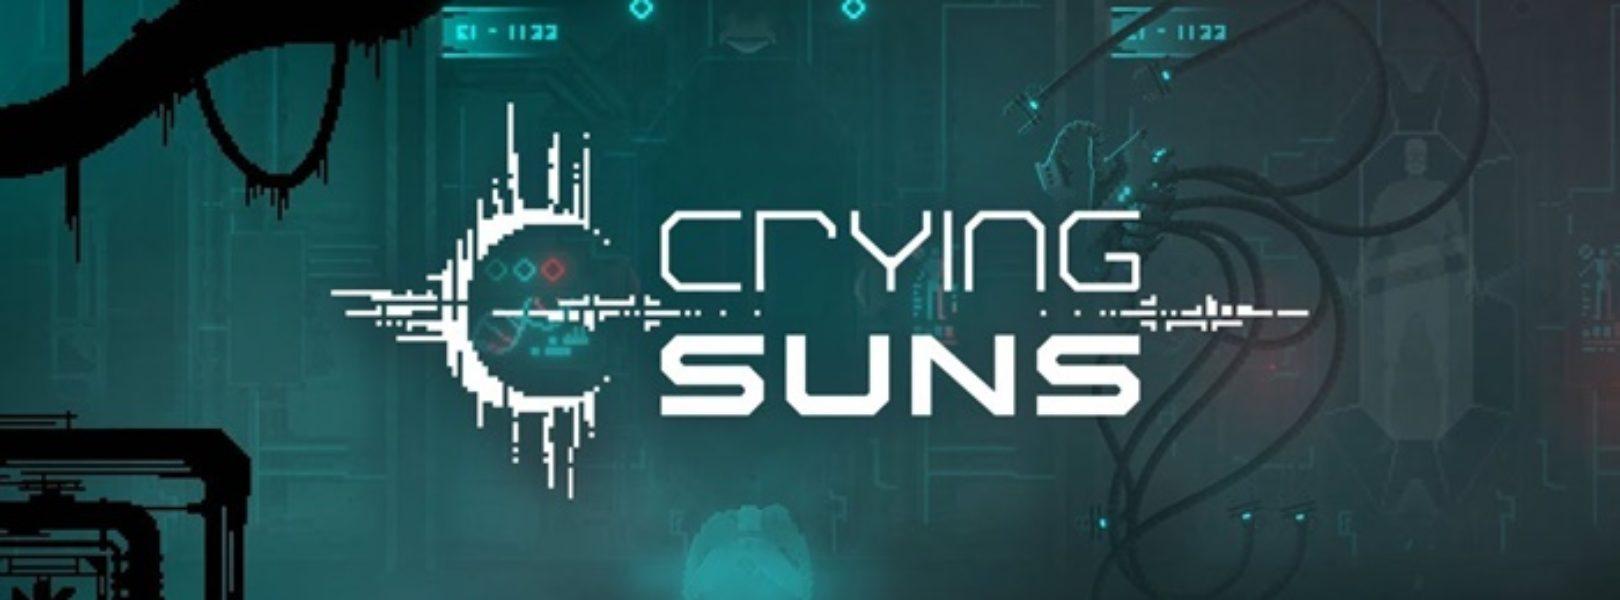 crying-suns-1-hafta-boyunca-ucretsiz